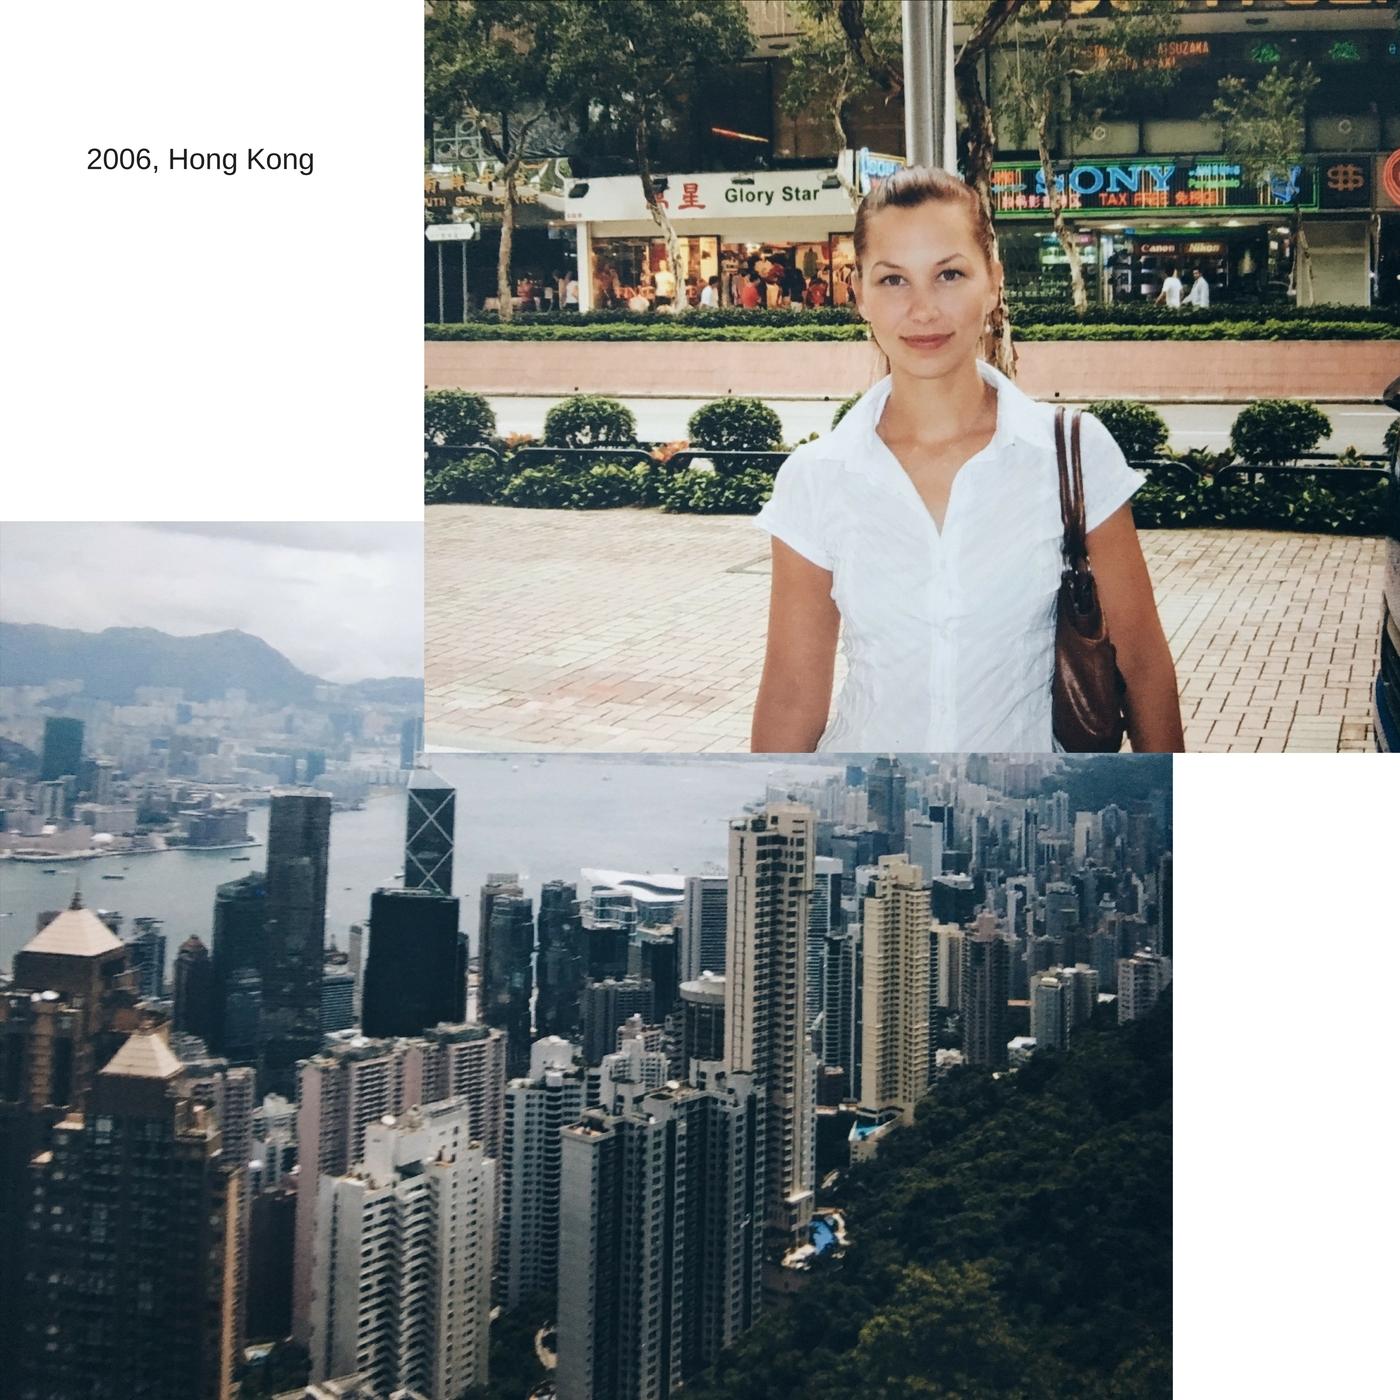 2006 hongkong.jpg